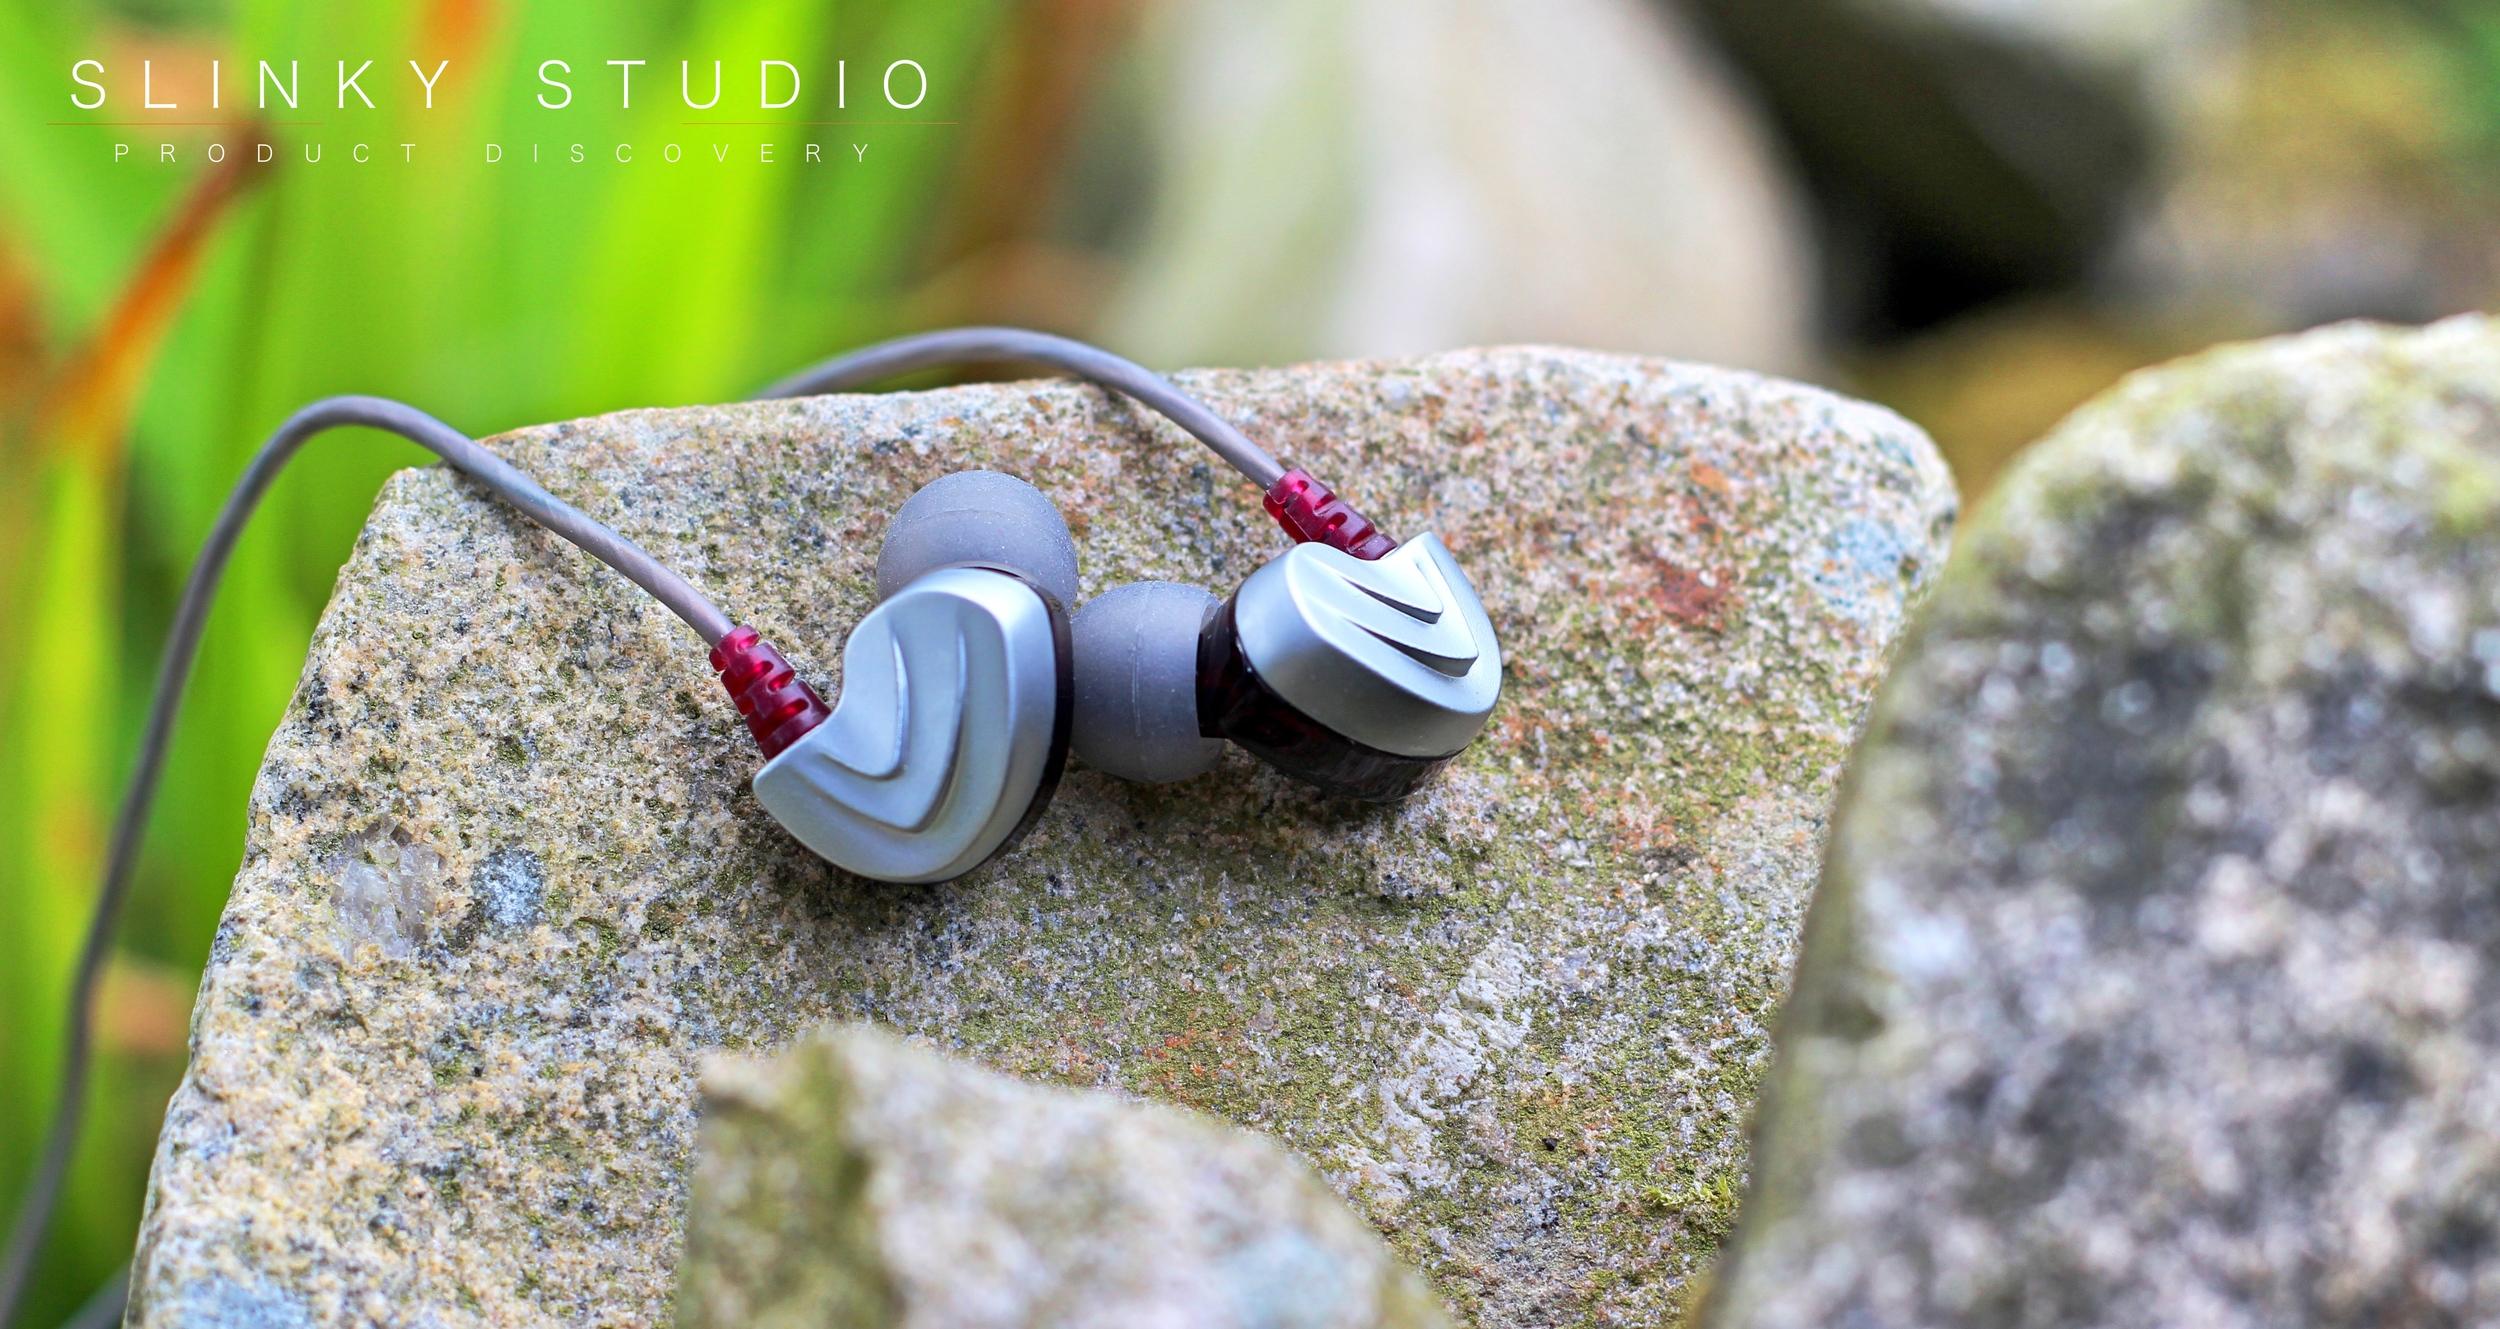 FIDUE A73 Earphones